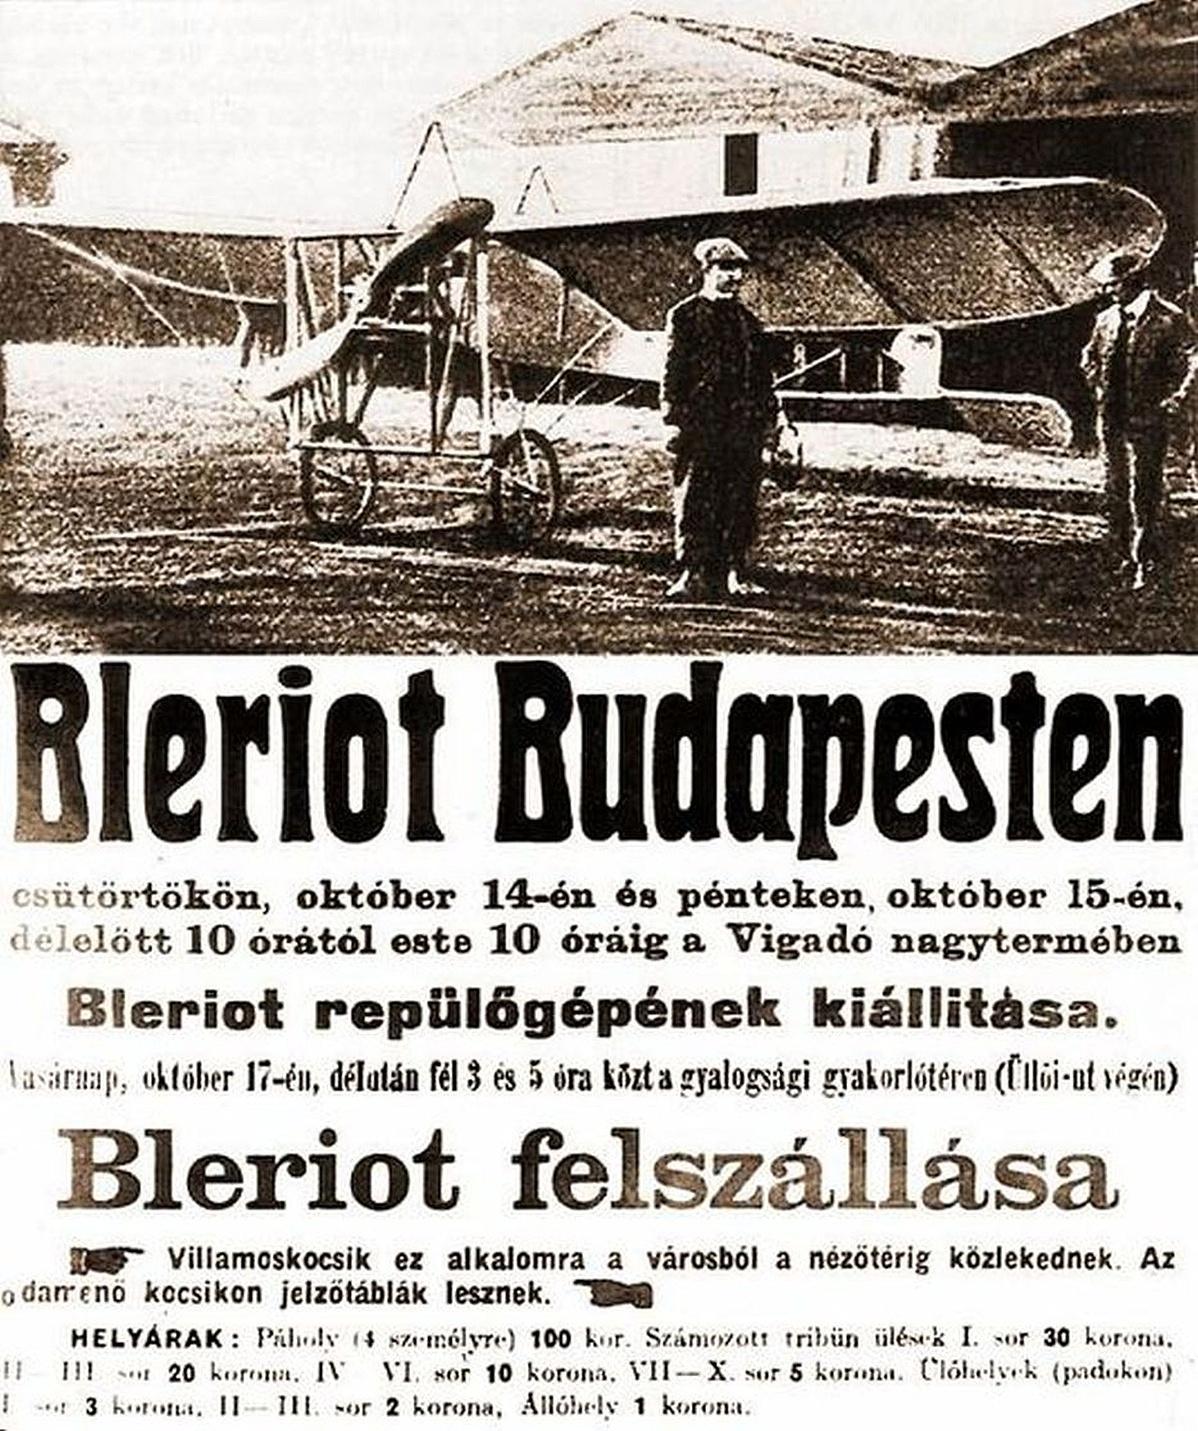 bleriot_budapesten_promo1-160140.jpg